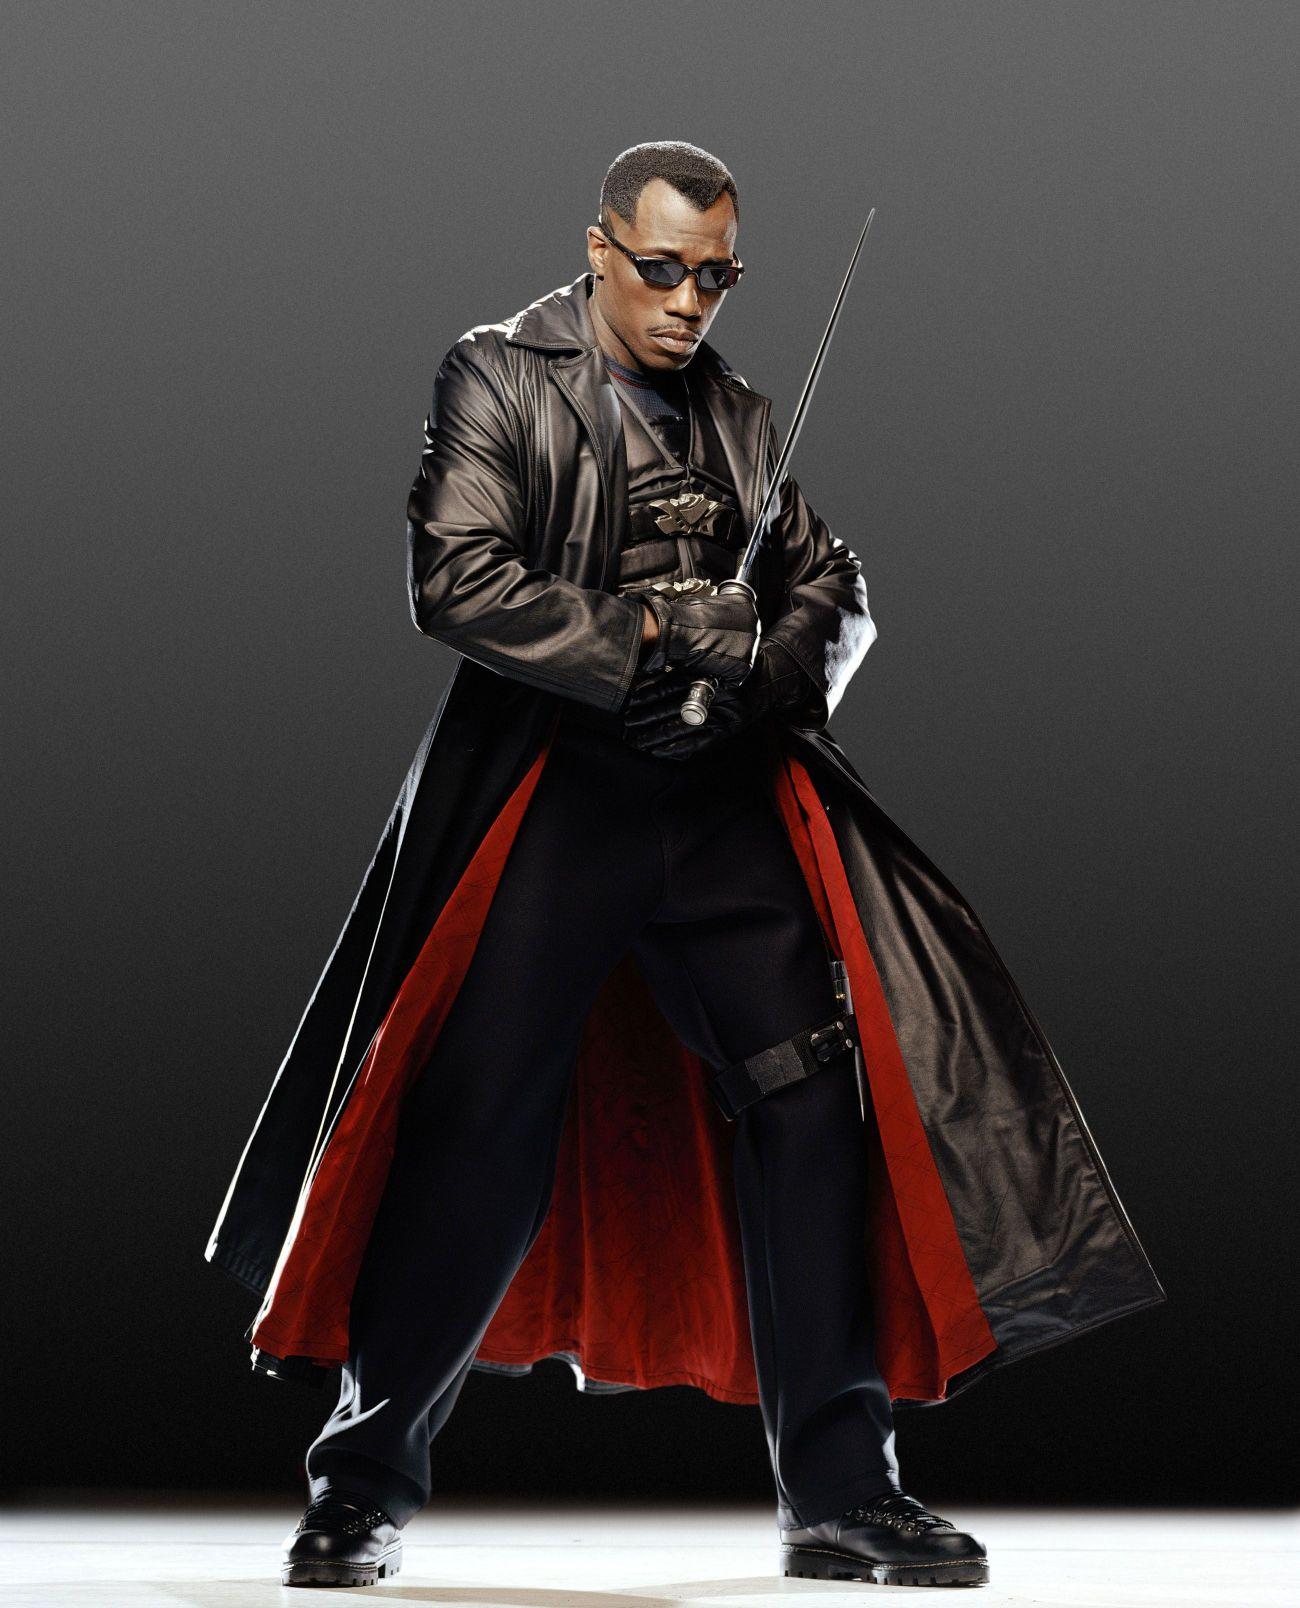 Wesley Snipes protagonizó Blade (1998), Blade II (2002) y Blade: Trinity (2004). Imagen: Digital Spy